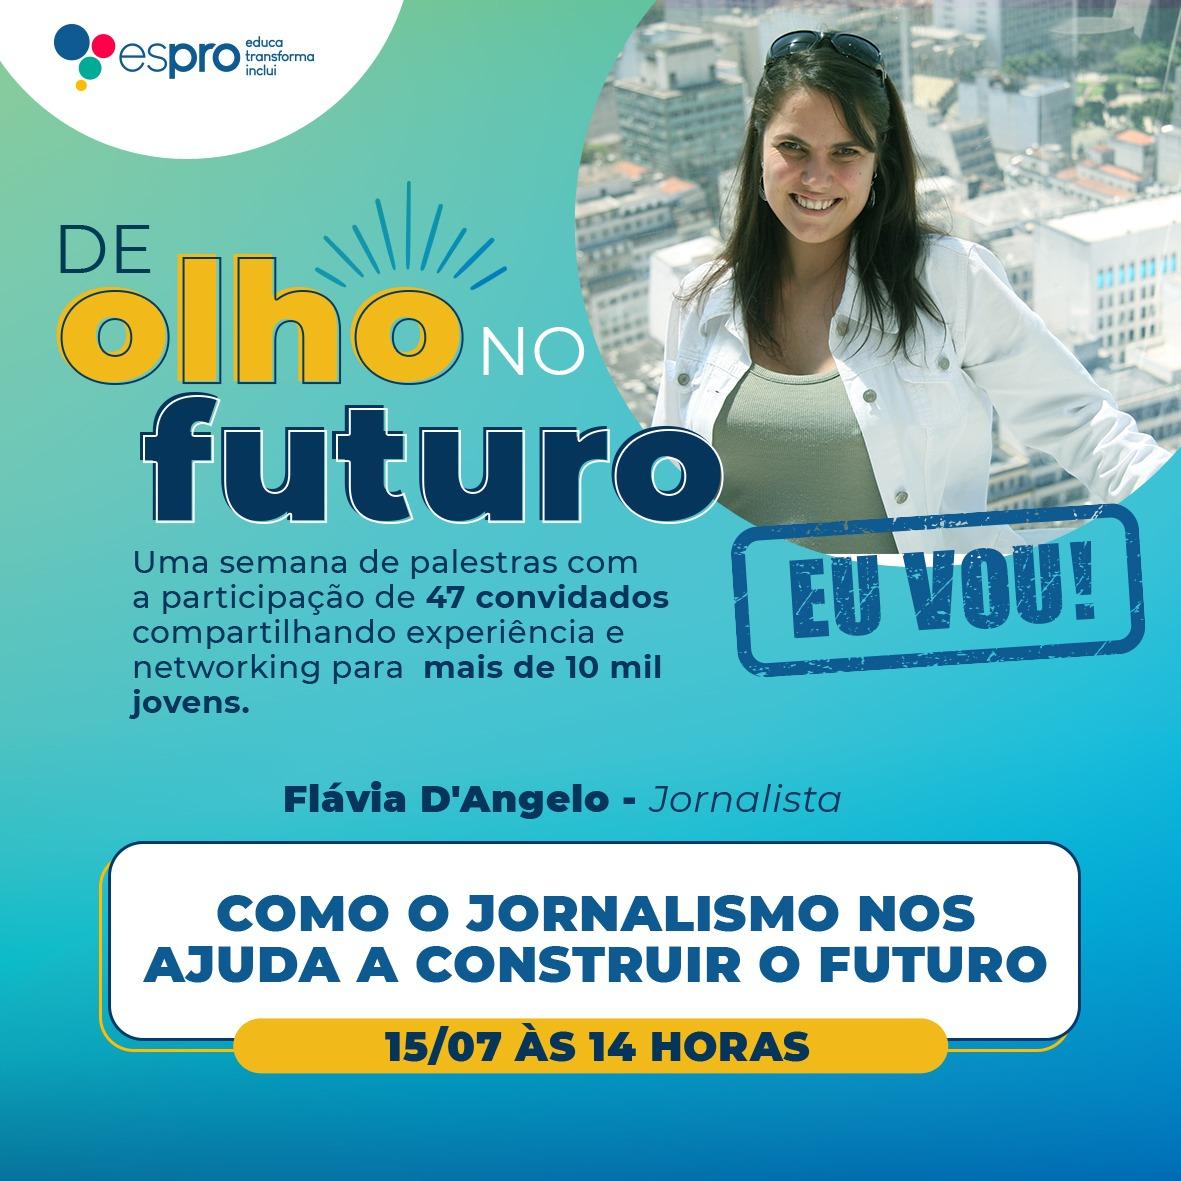 COMO O JORNALISO NOS AJUDA A CONSTRUIR O FUTURO